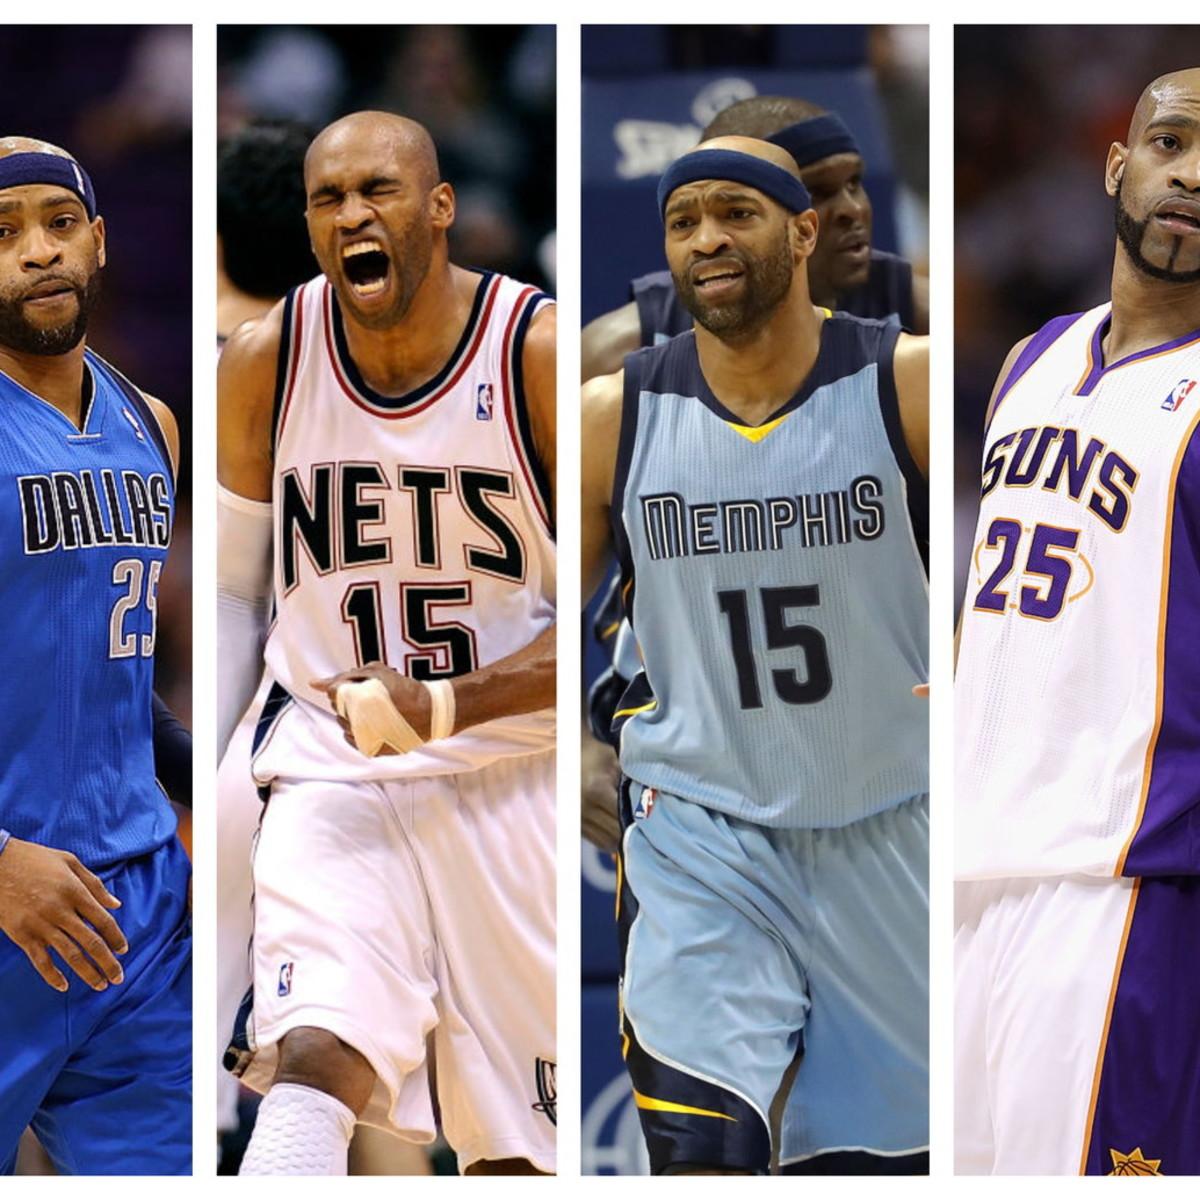 Nba: LeBron trascina i Lakers con una tripla doppia, vincono anche i ...